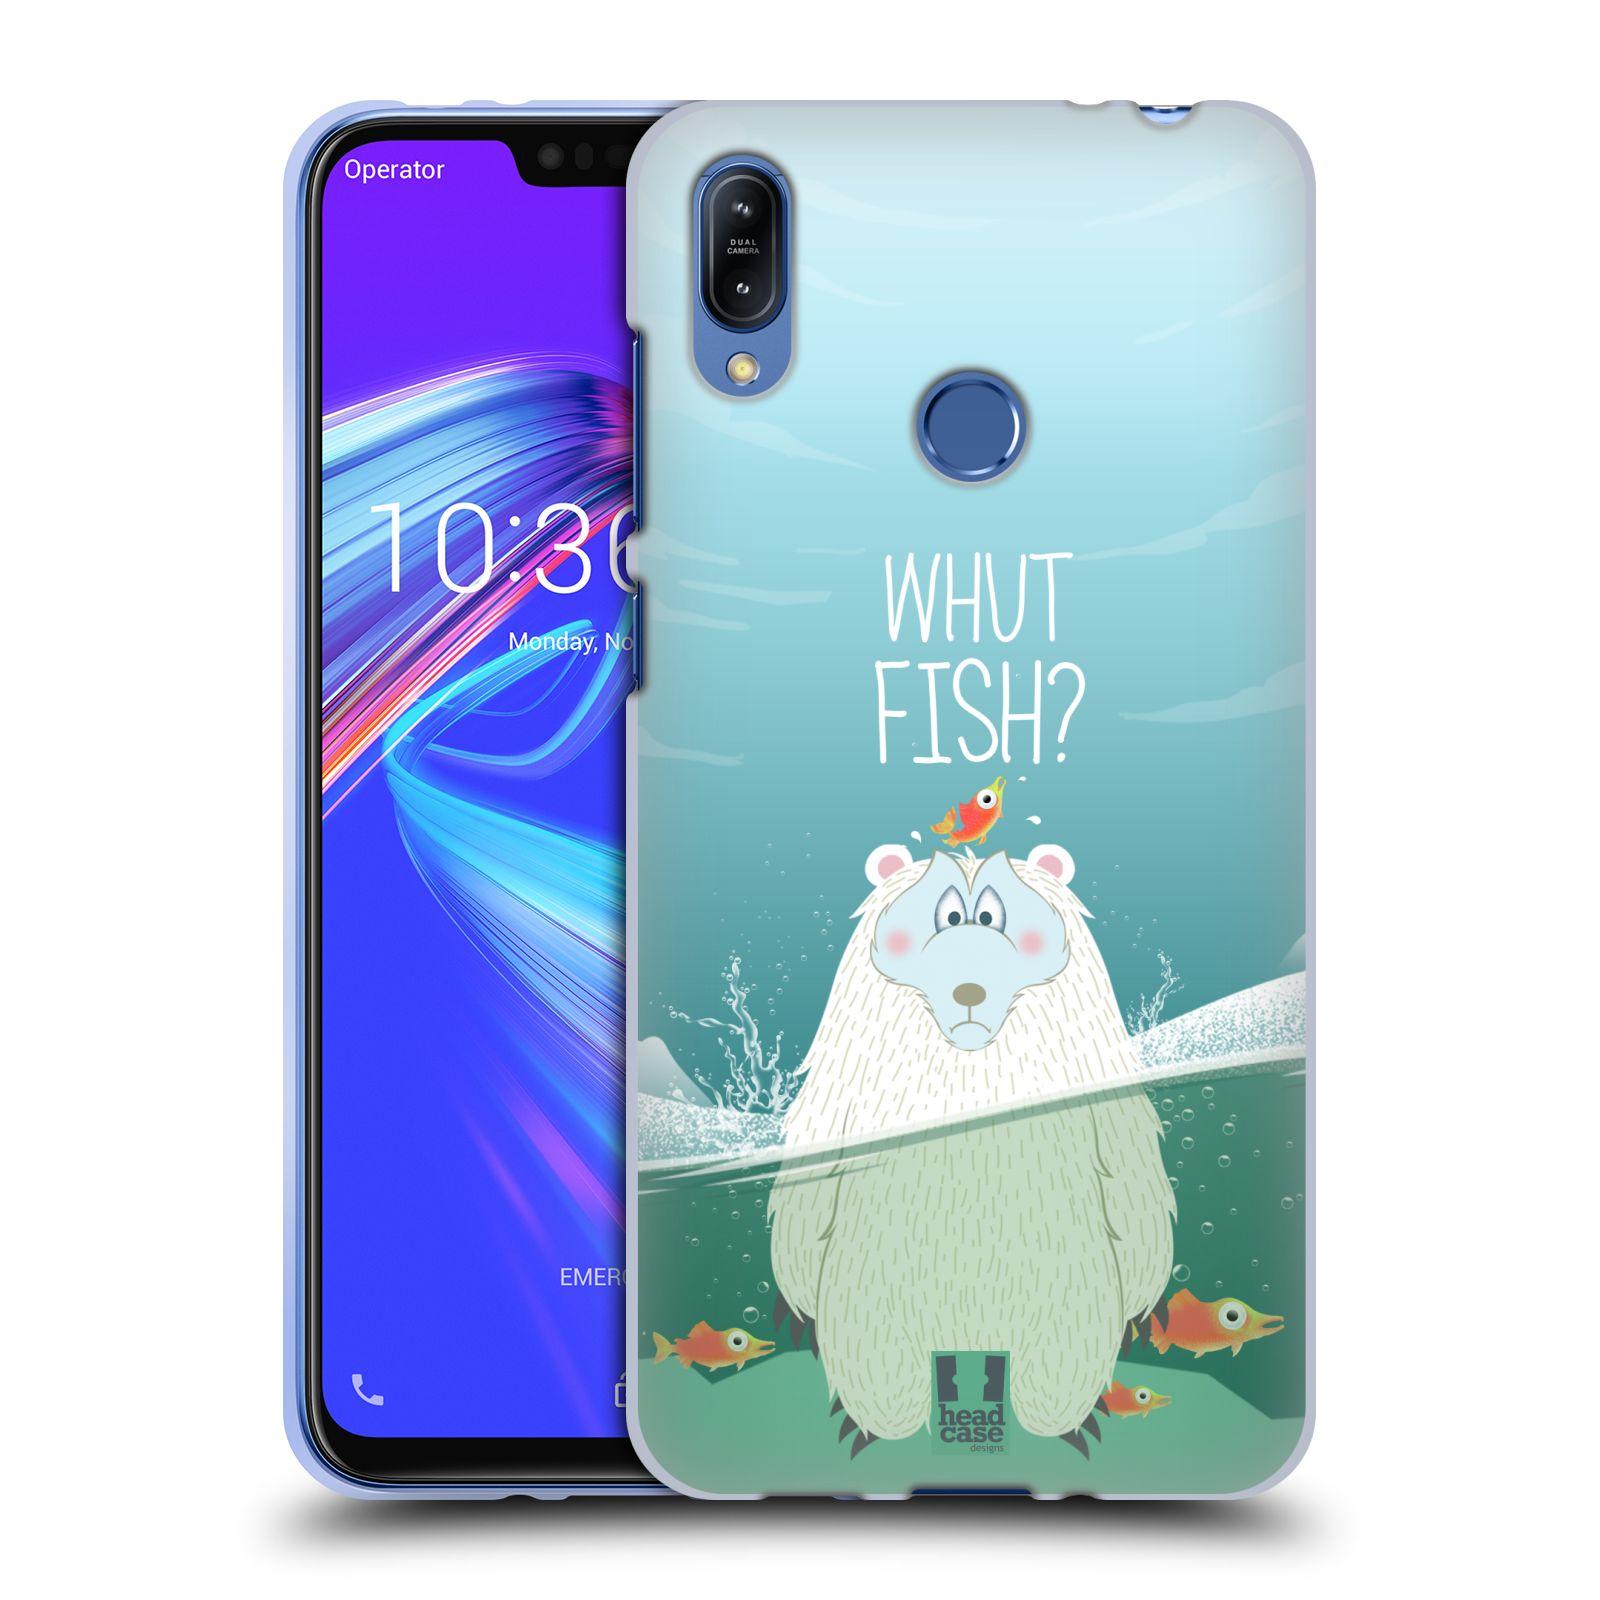 Silikonové pouzdro na mobil Asus Zenfone Max (M2) ZB633KL - Head Case - Medvěd Whut Fish?